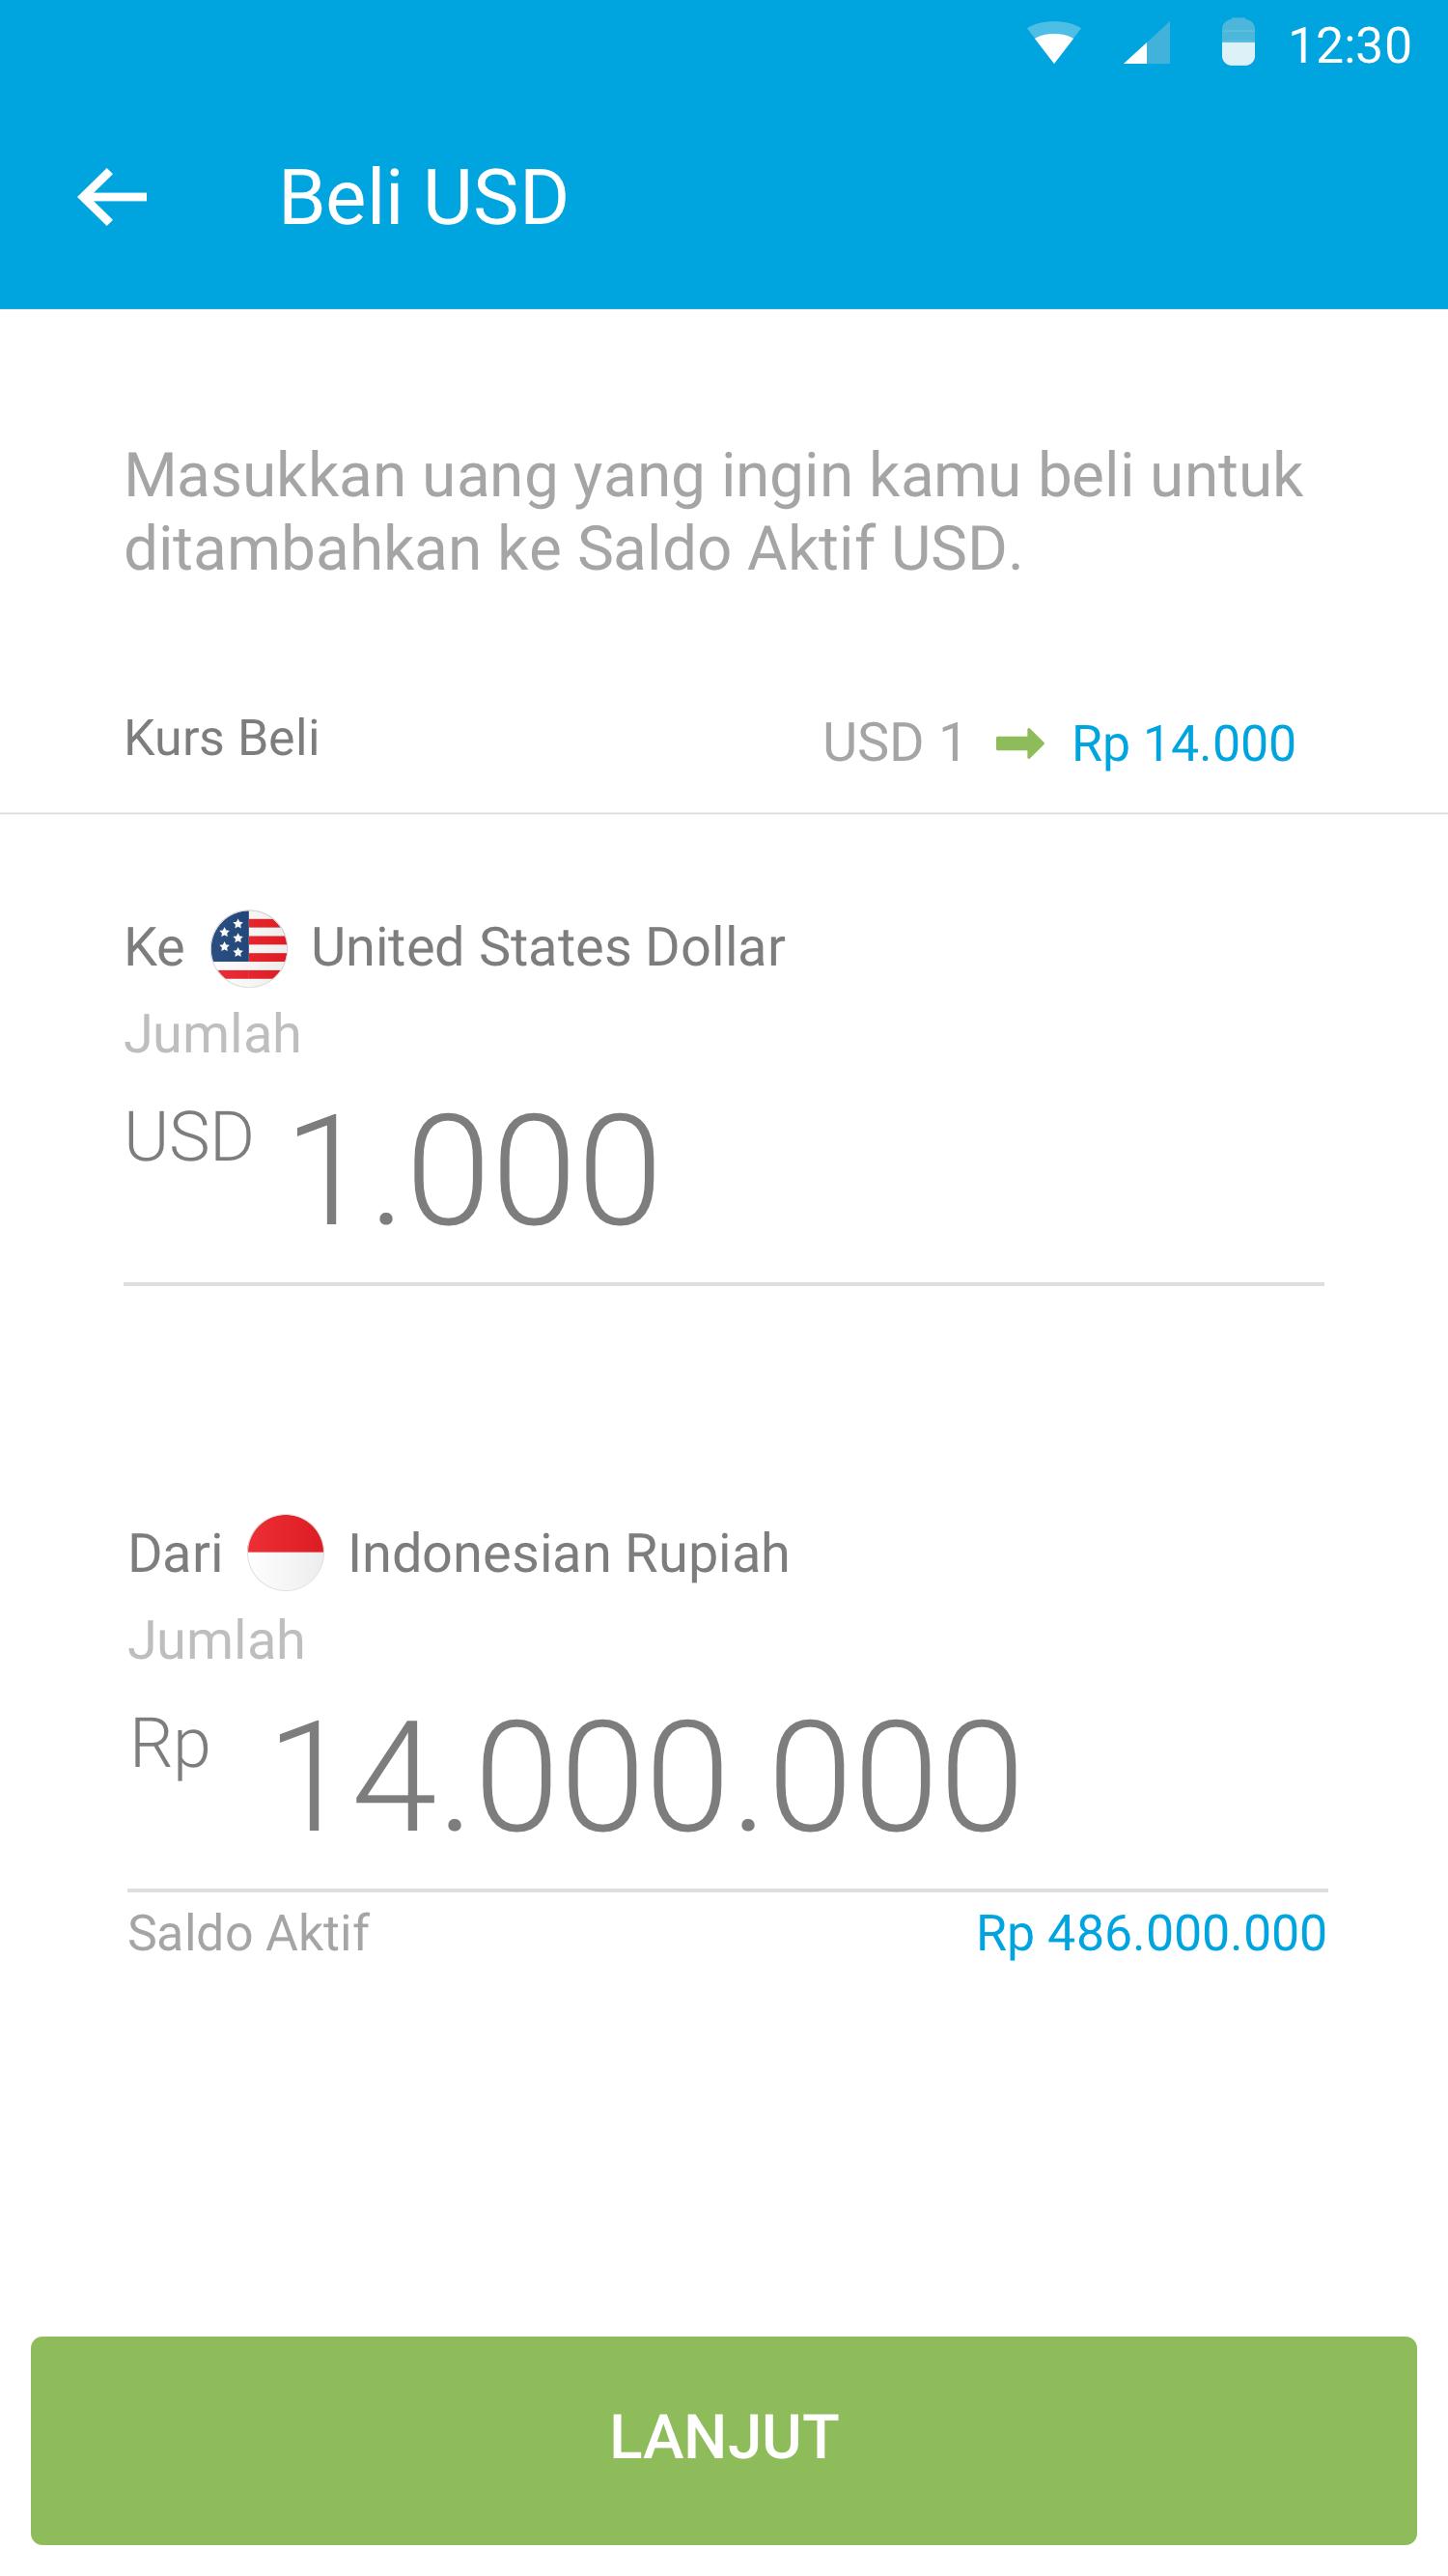 jual beli uang asing